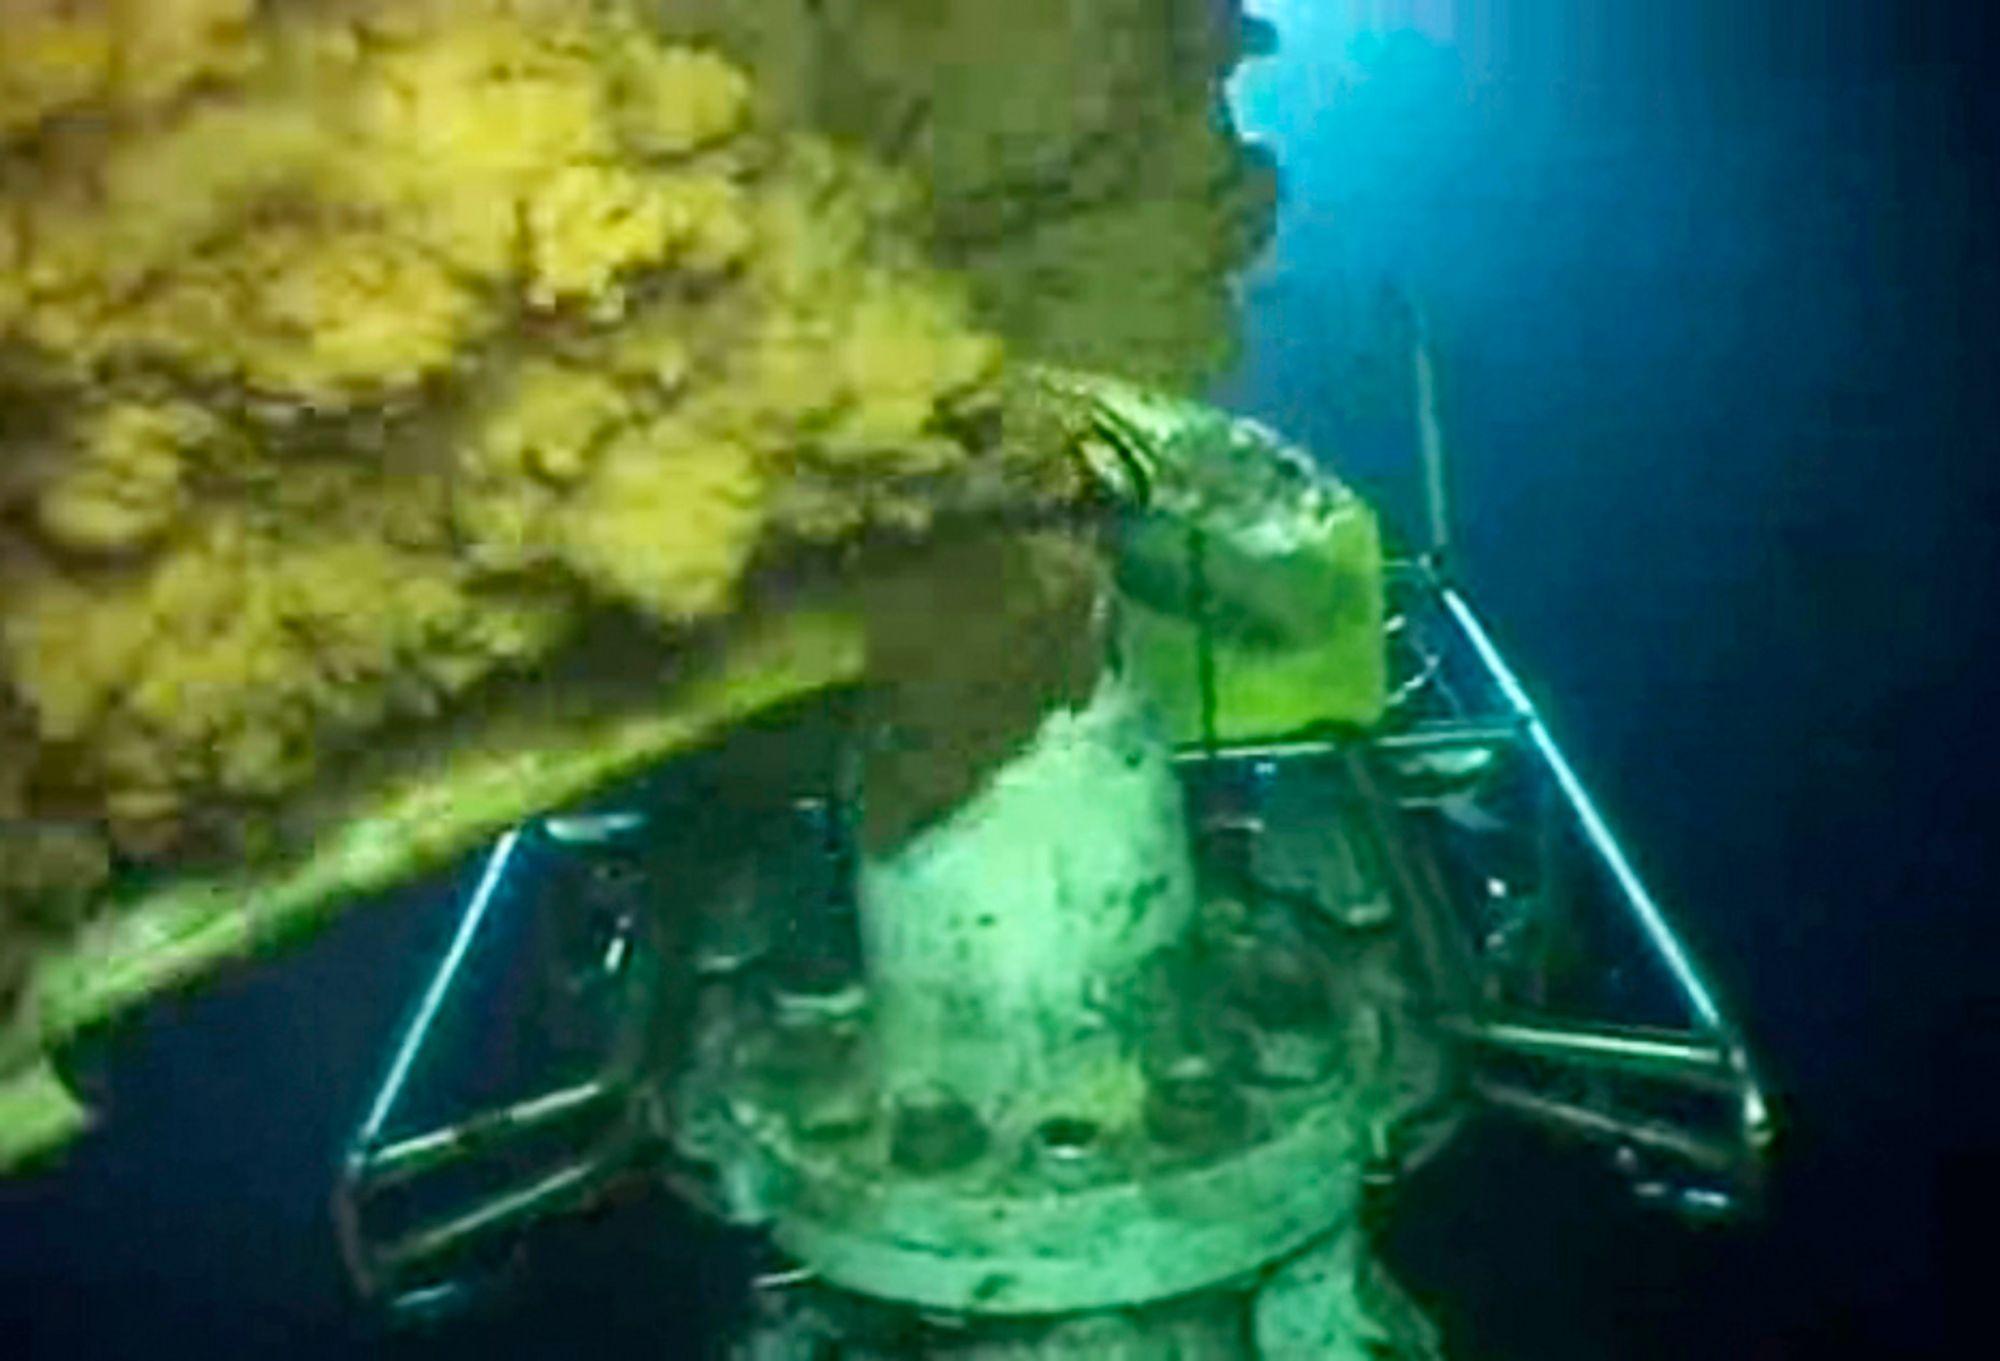 Olje strømmer ut idet teknikere forsøker å gjennomføre en operasjon på den lekkende oljebrønnen i Mexicogolfen.